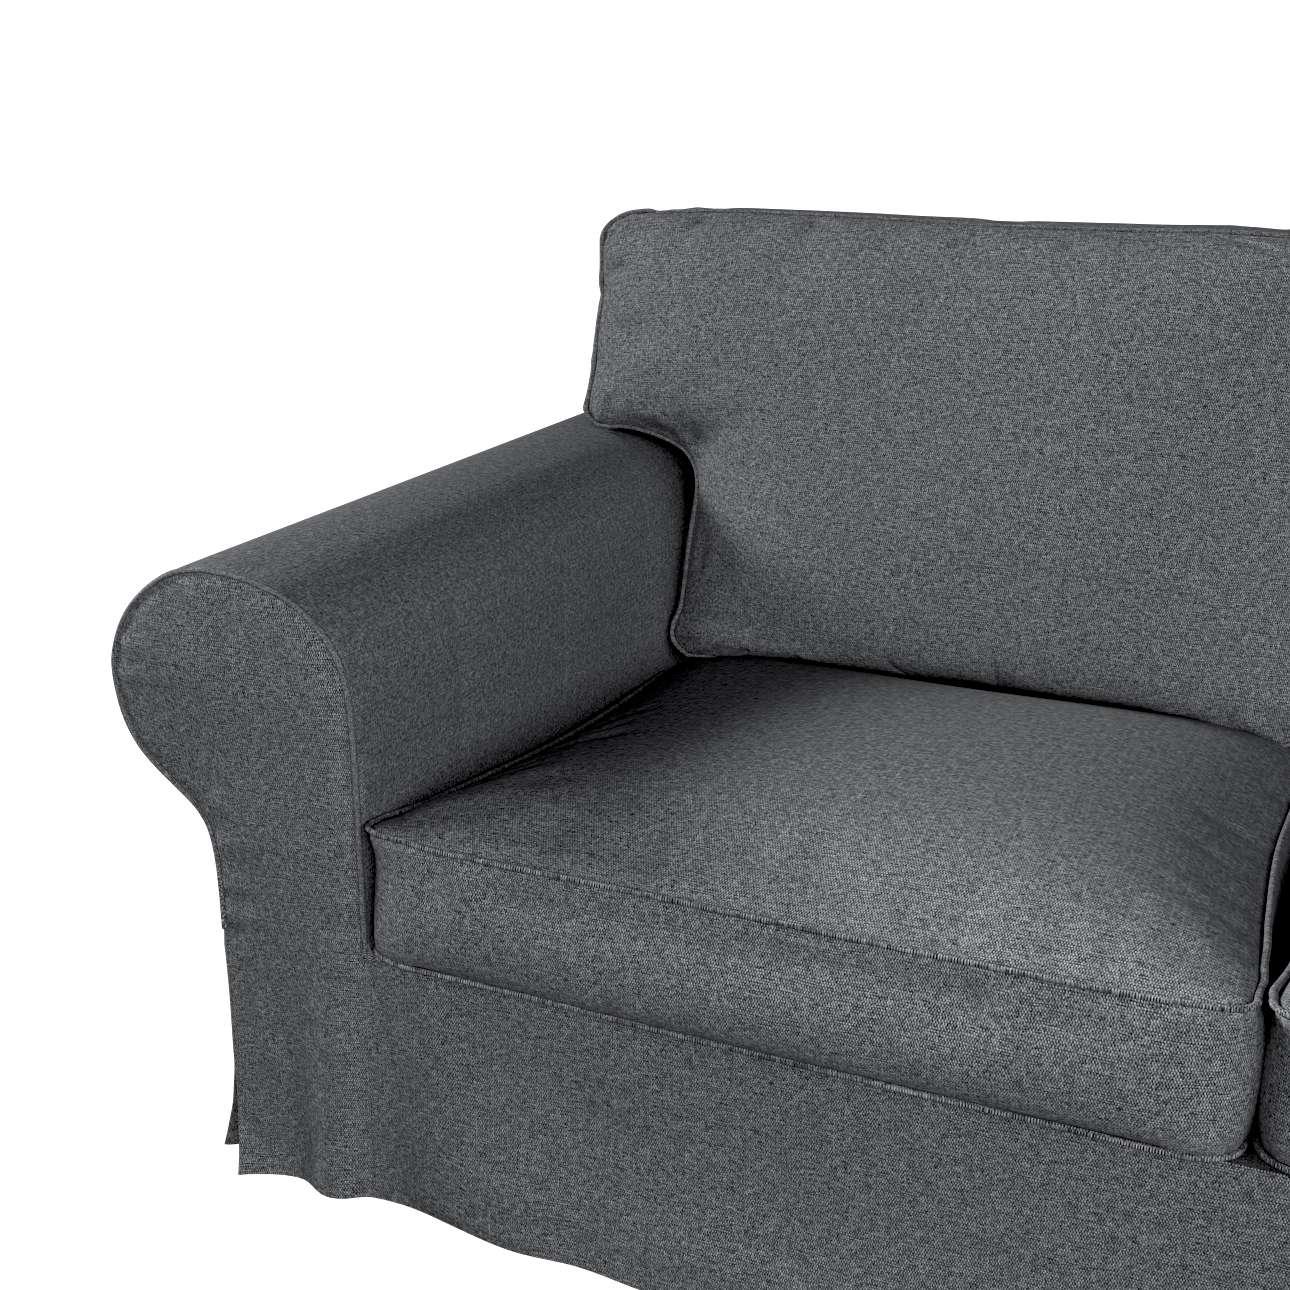 Pokrowiec na sofę Ektorp 2-osobową i leżankę w kolekcji Amsterdam, tkanina: 704-47